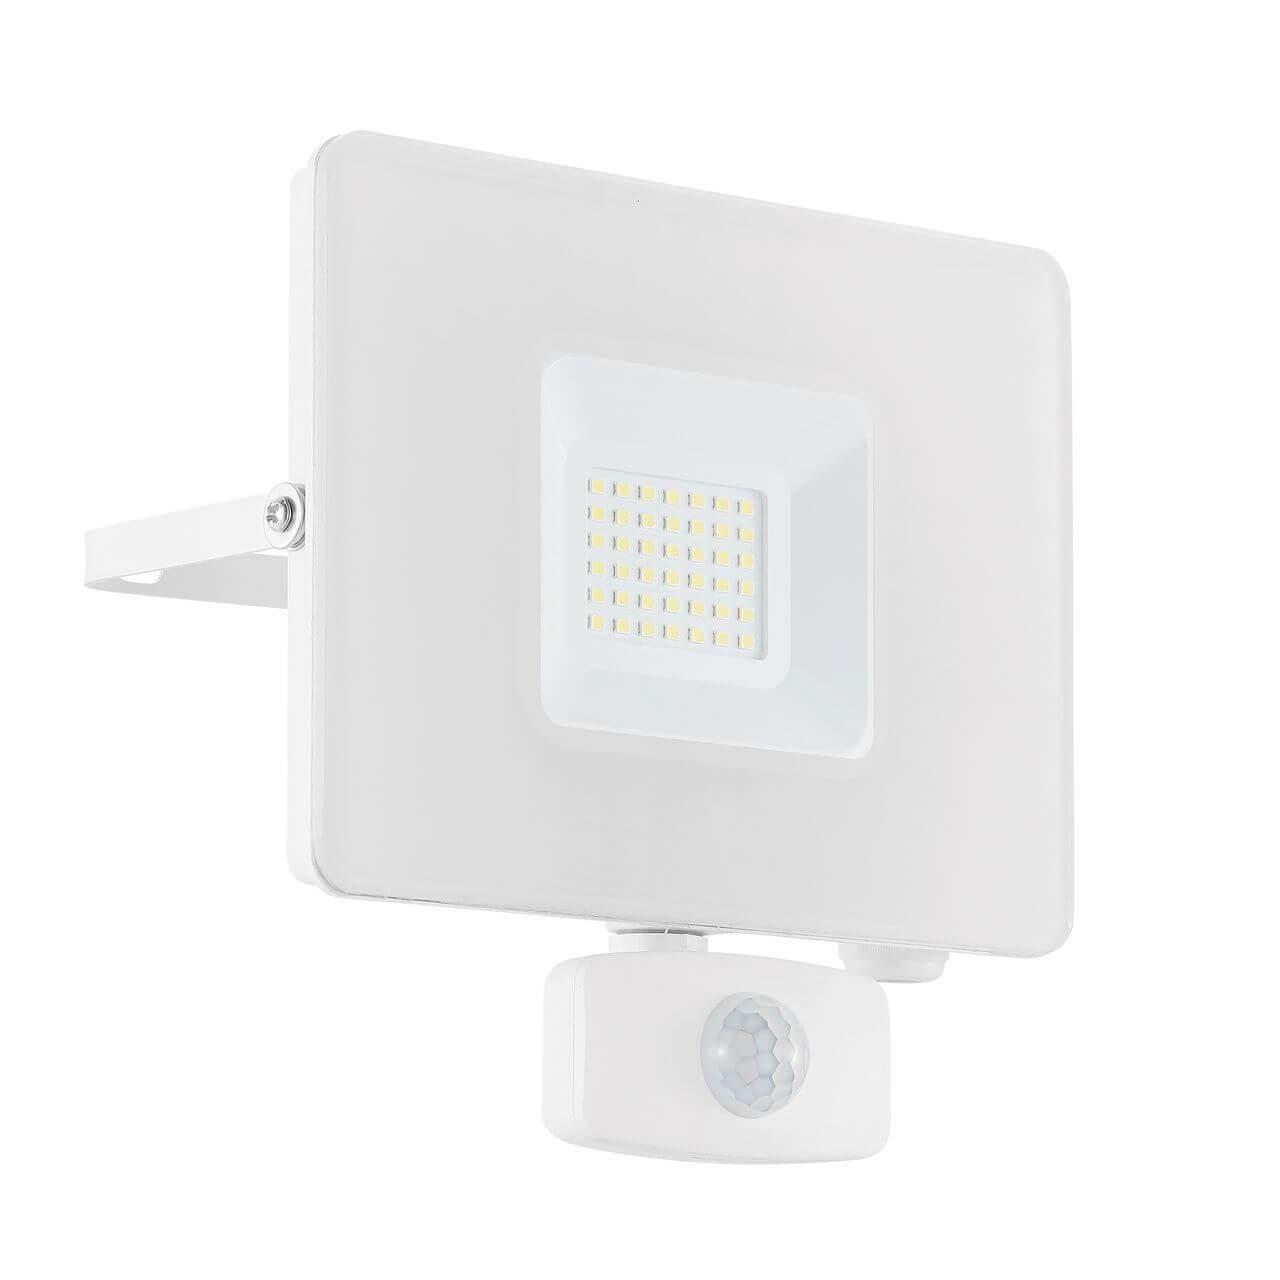 купить Прожектор светодиодный Eglo Faedo 3 33158 онлайн